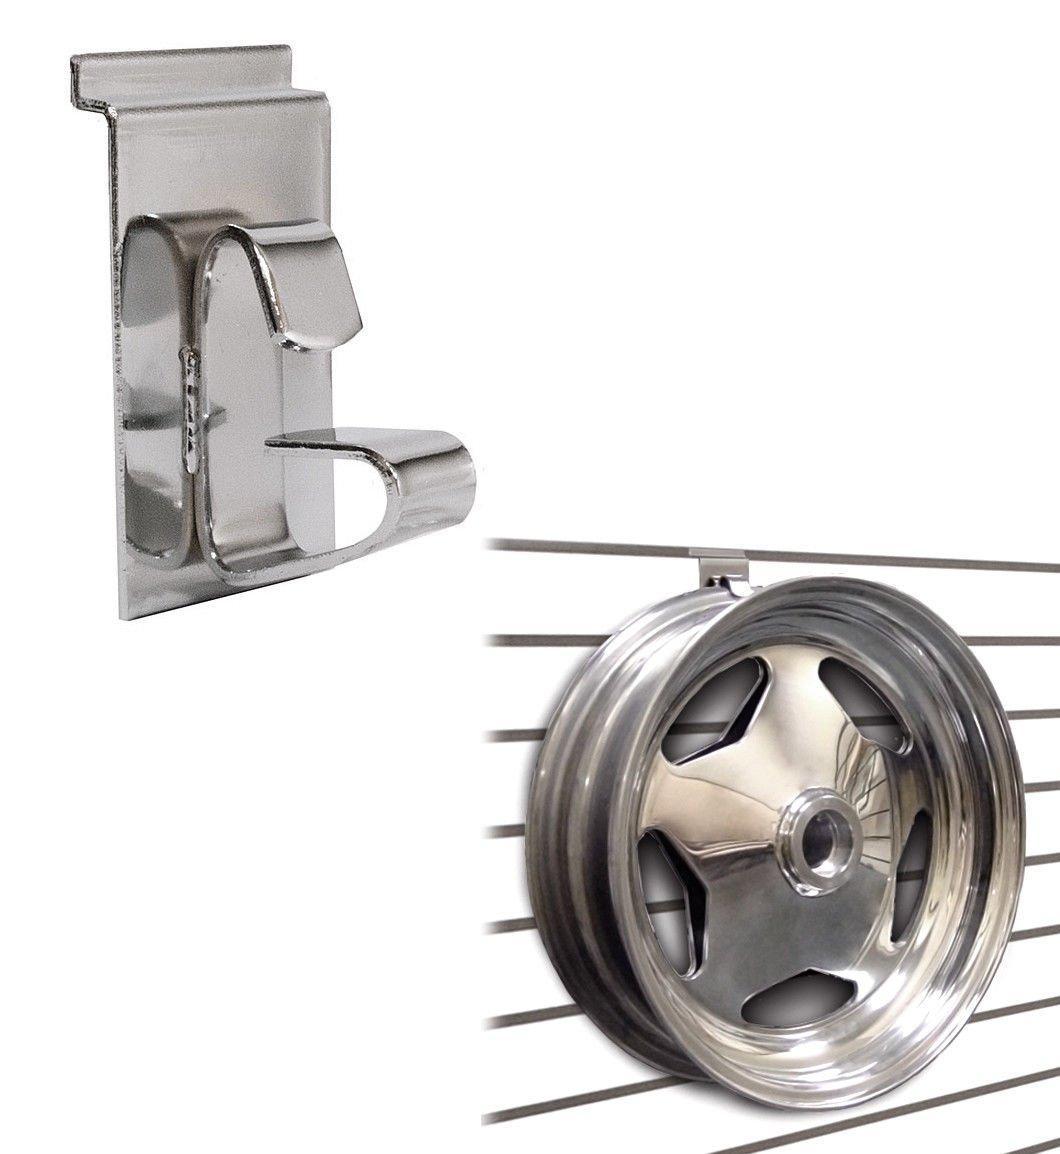 Slatwall Wheel Holder/Wheel & Rim Display Hook for Slatwall Panels - Chrome - 10 Pack